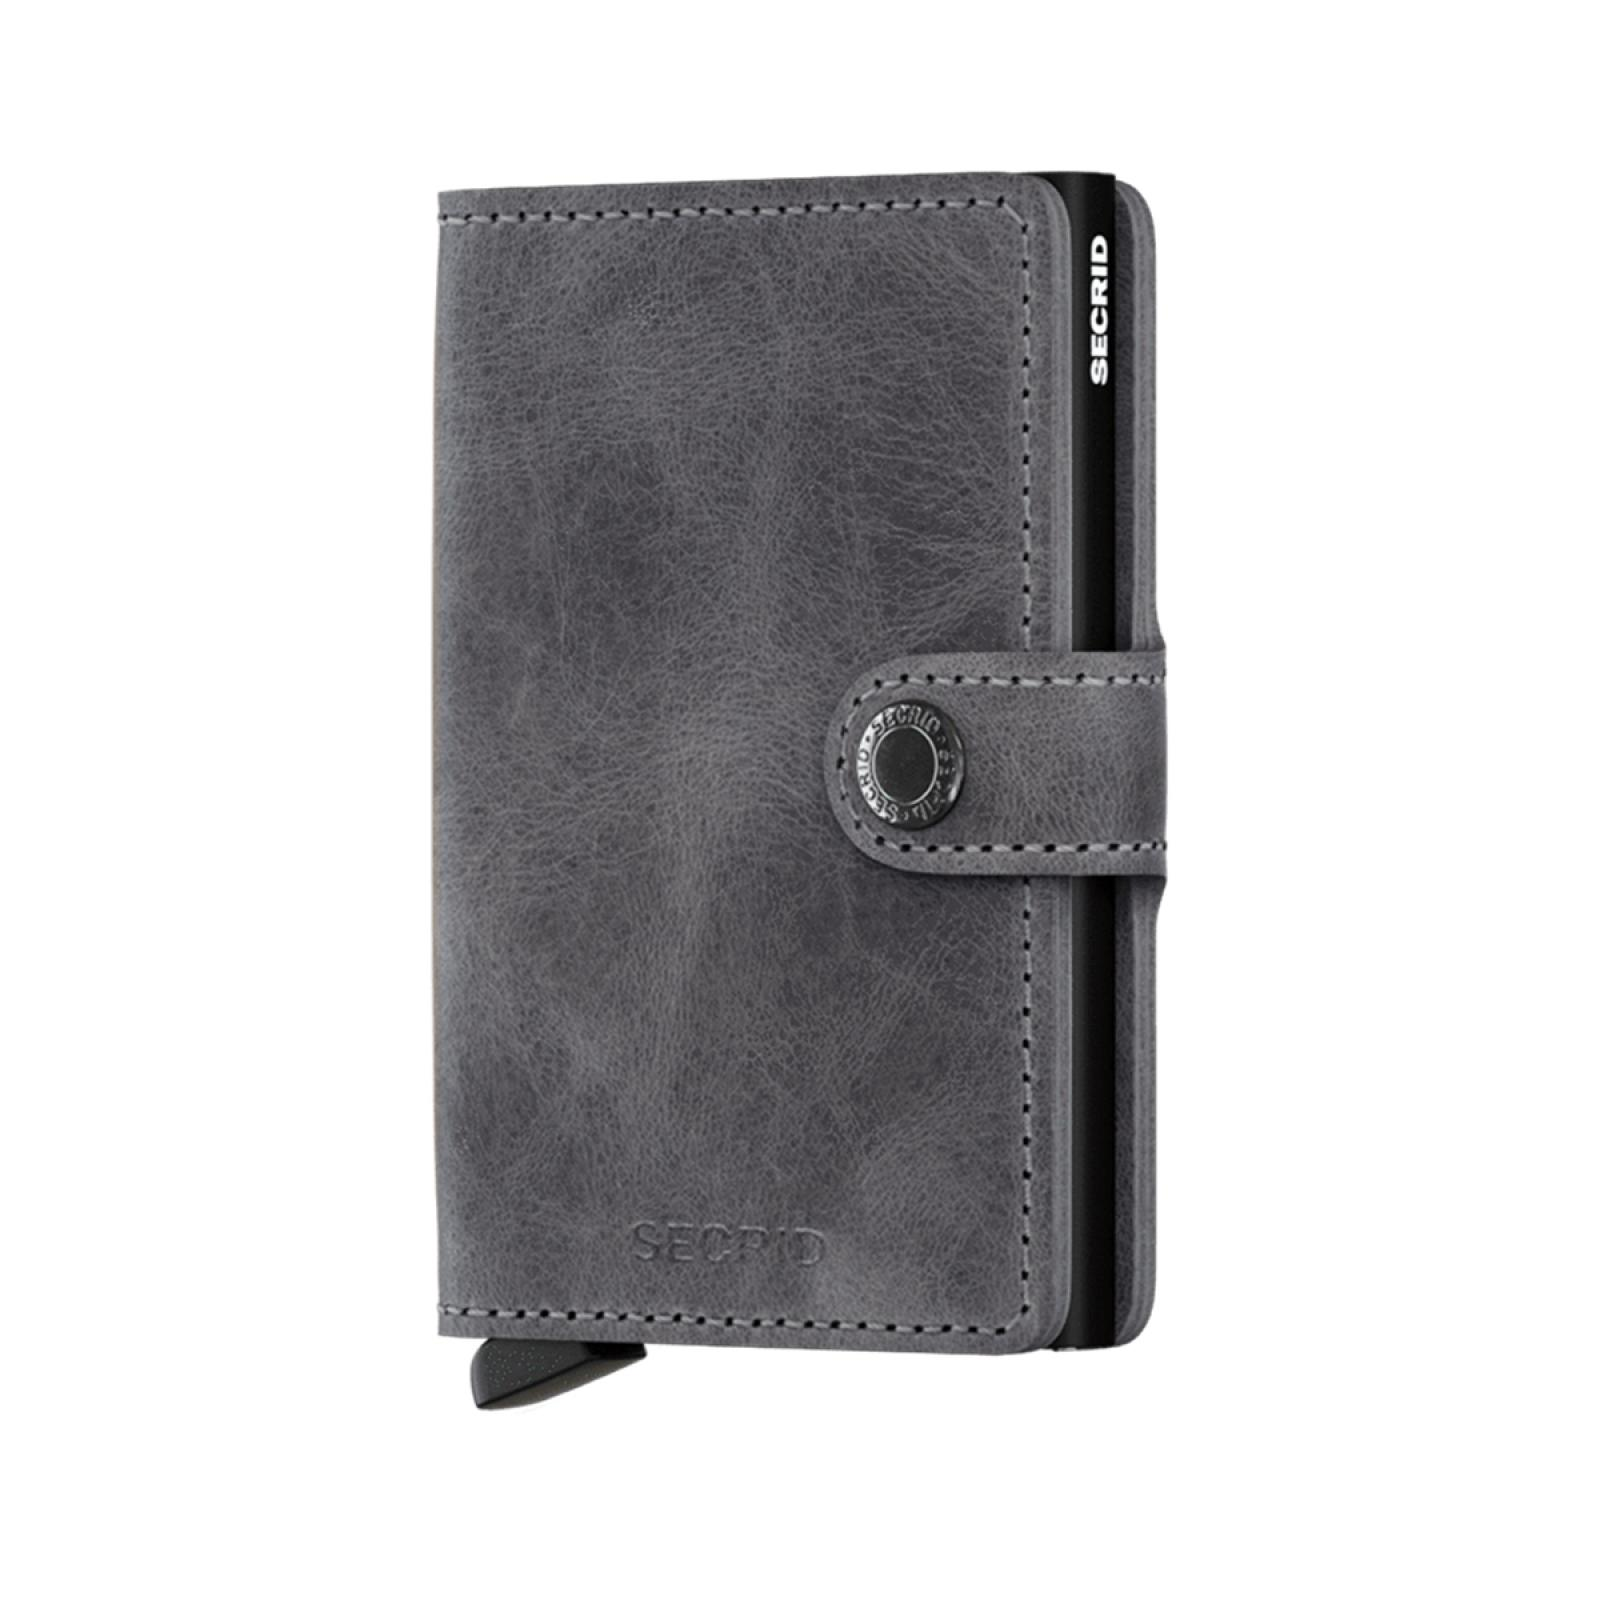 Secrid Miniwallet Vintage RFID Grey-Black - 1